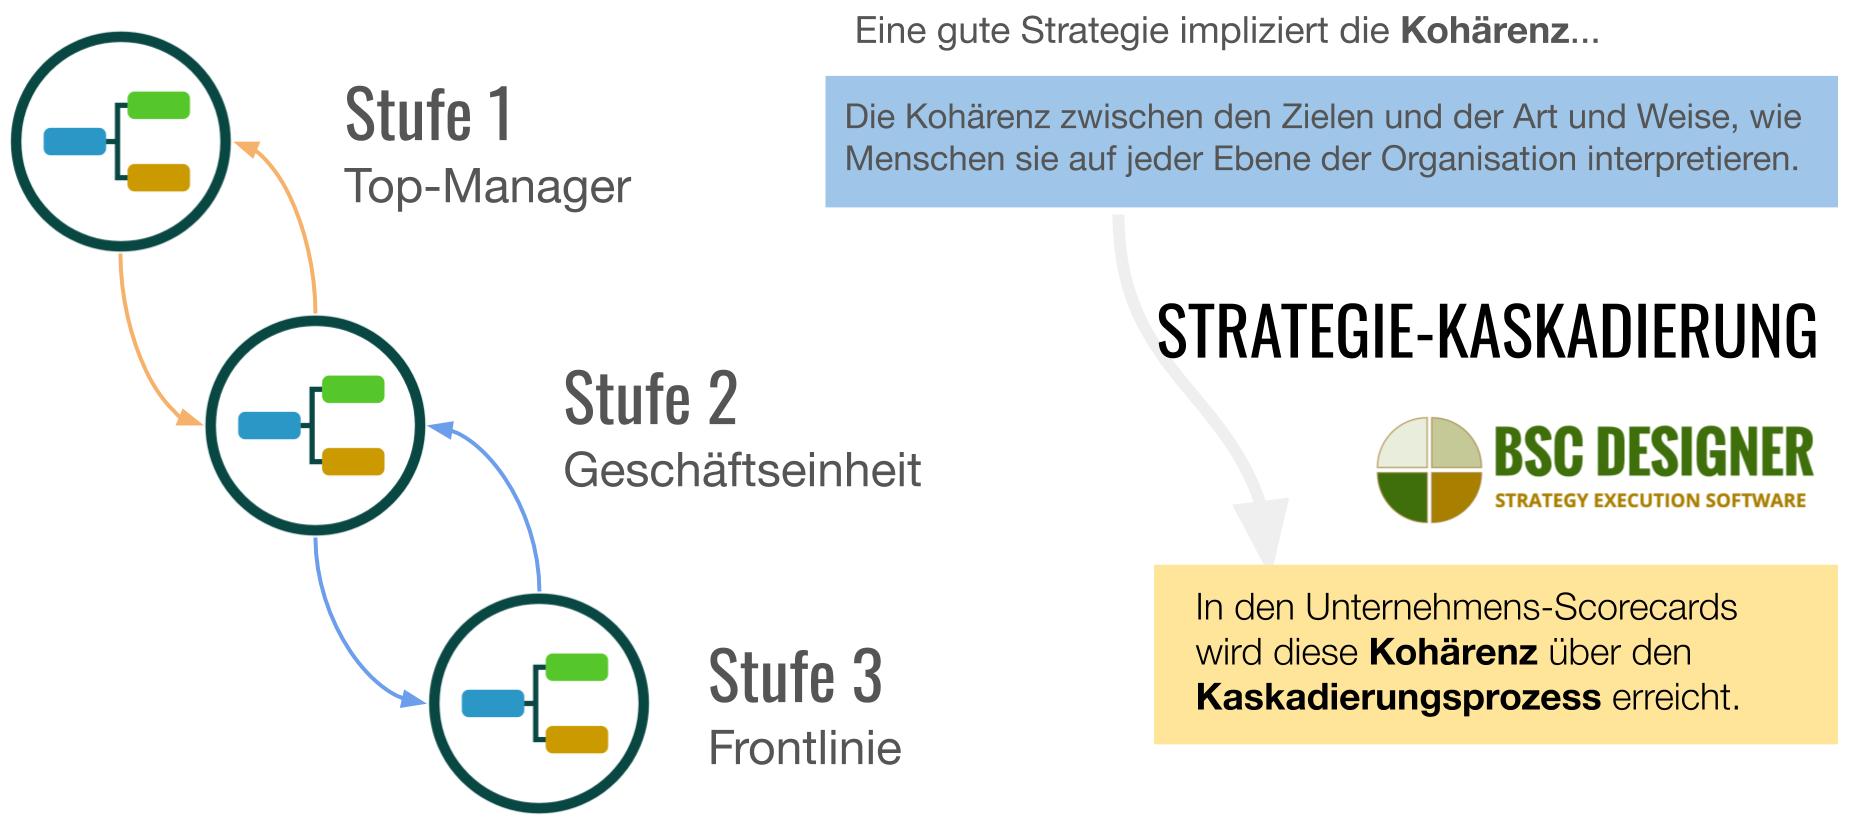 Strategie-Kaskadierung